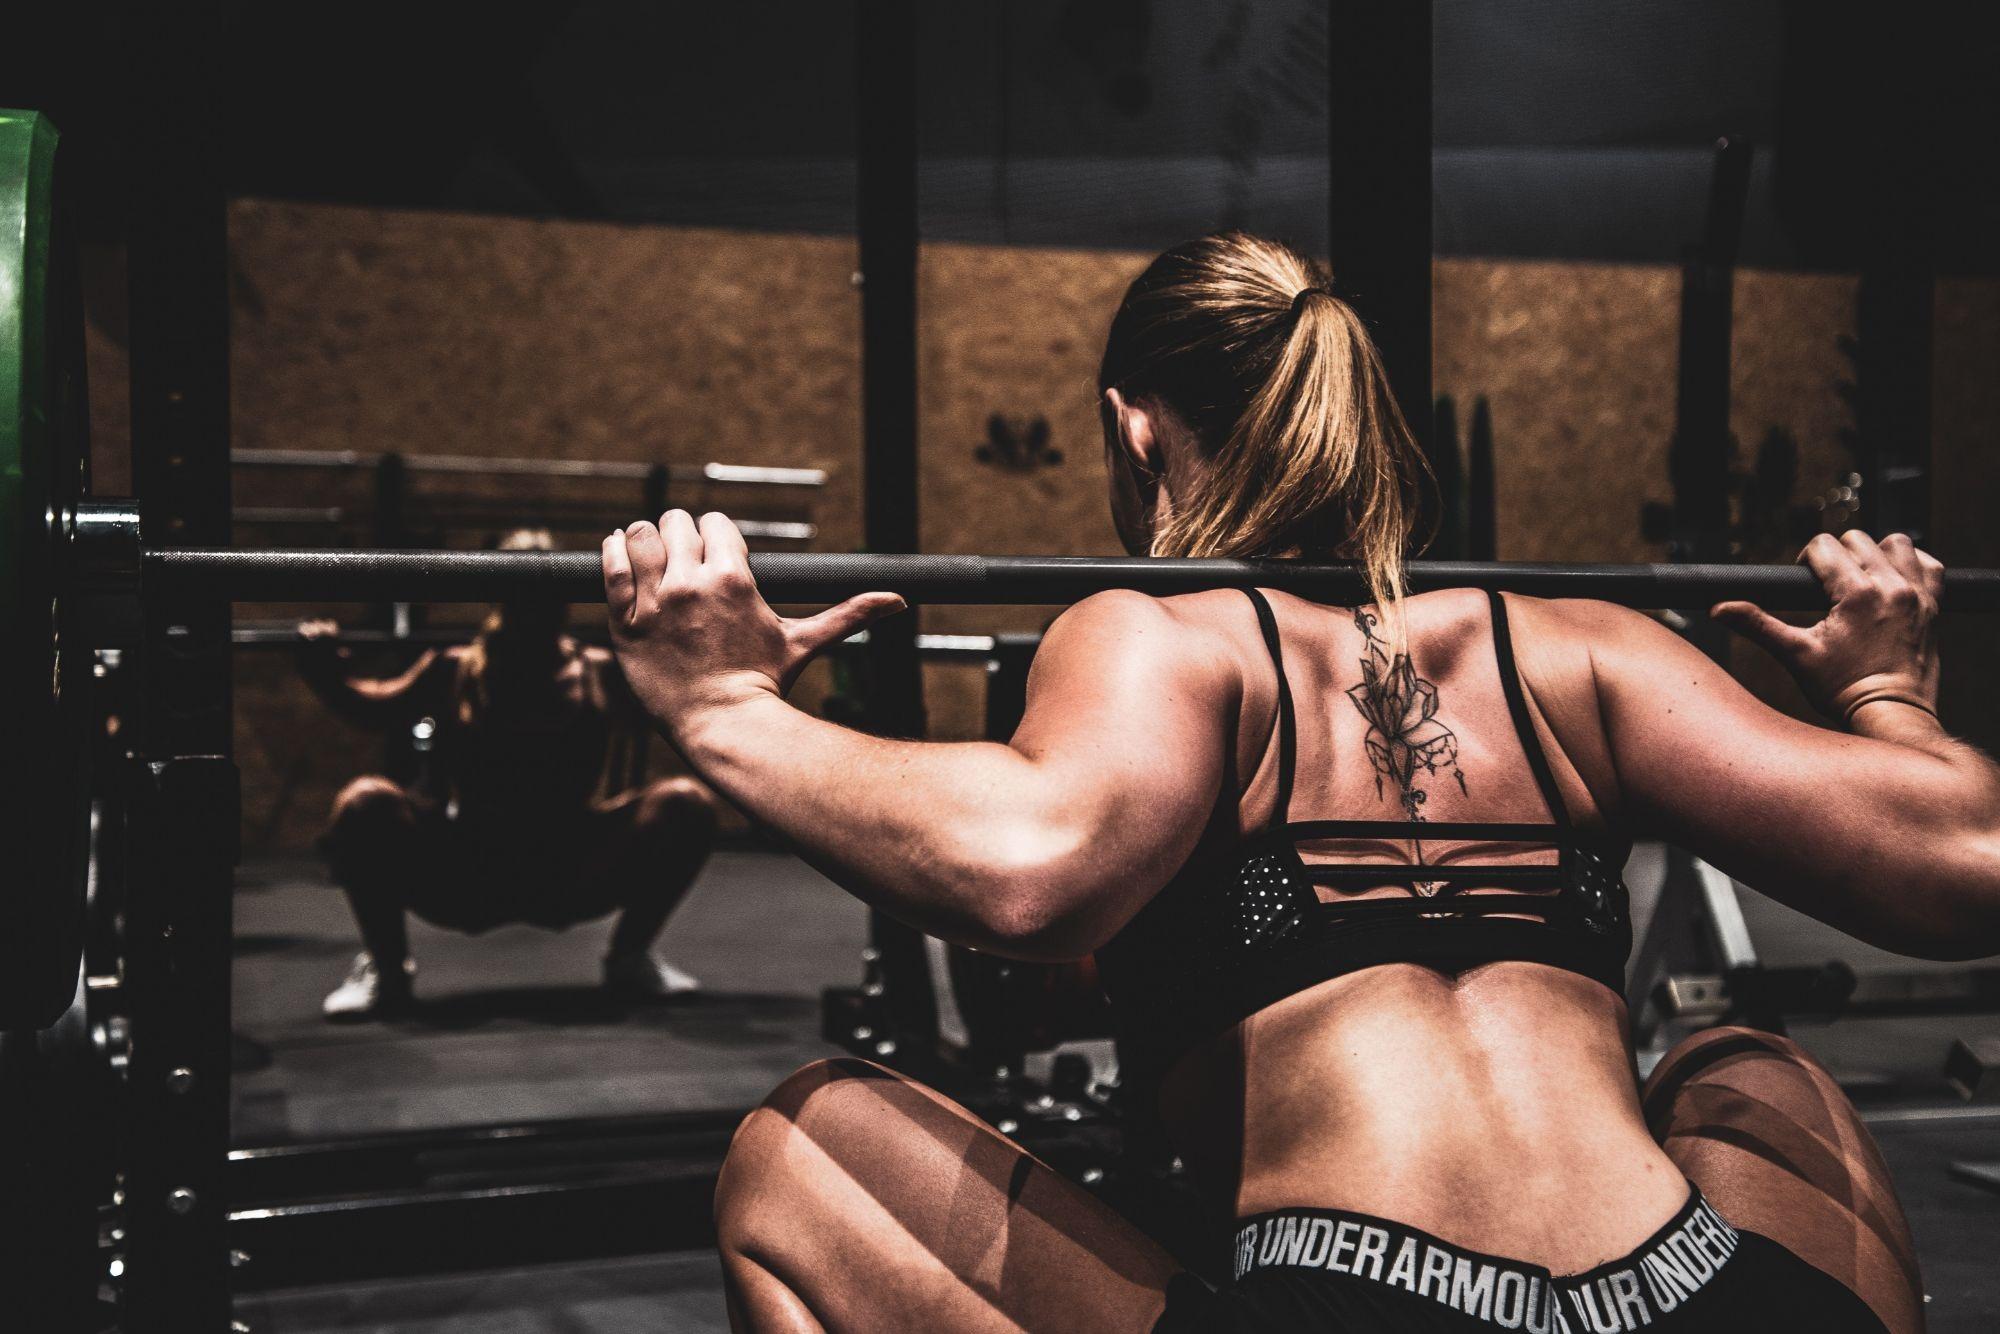 Ipertrofia muscolare e forza massimale: 10 esercizi da cui non si dovrebbe prescindere!